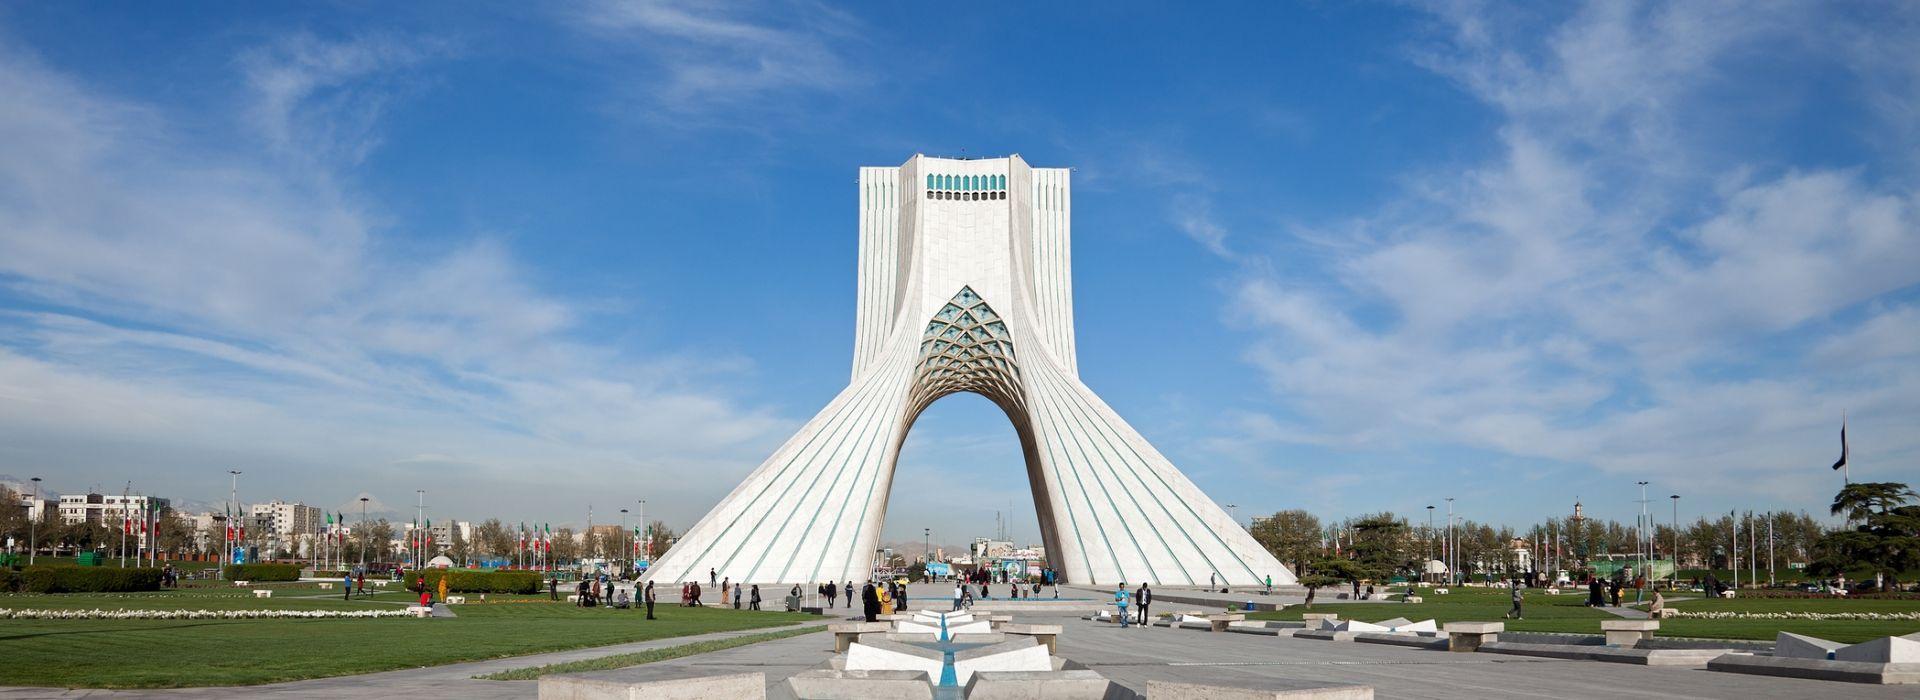 Desert safaris Tours in Isfahan